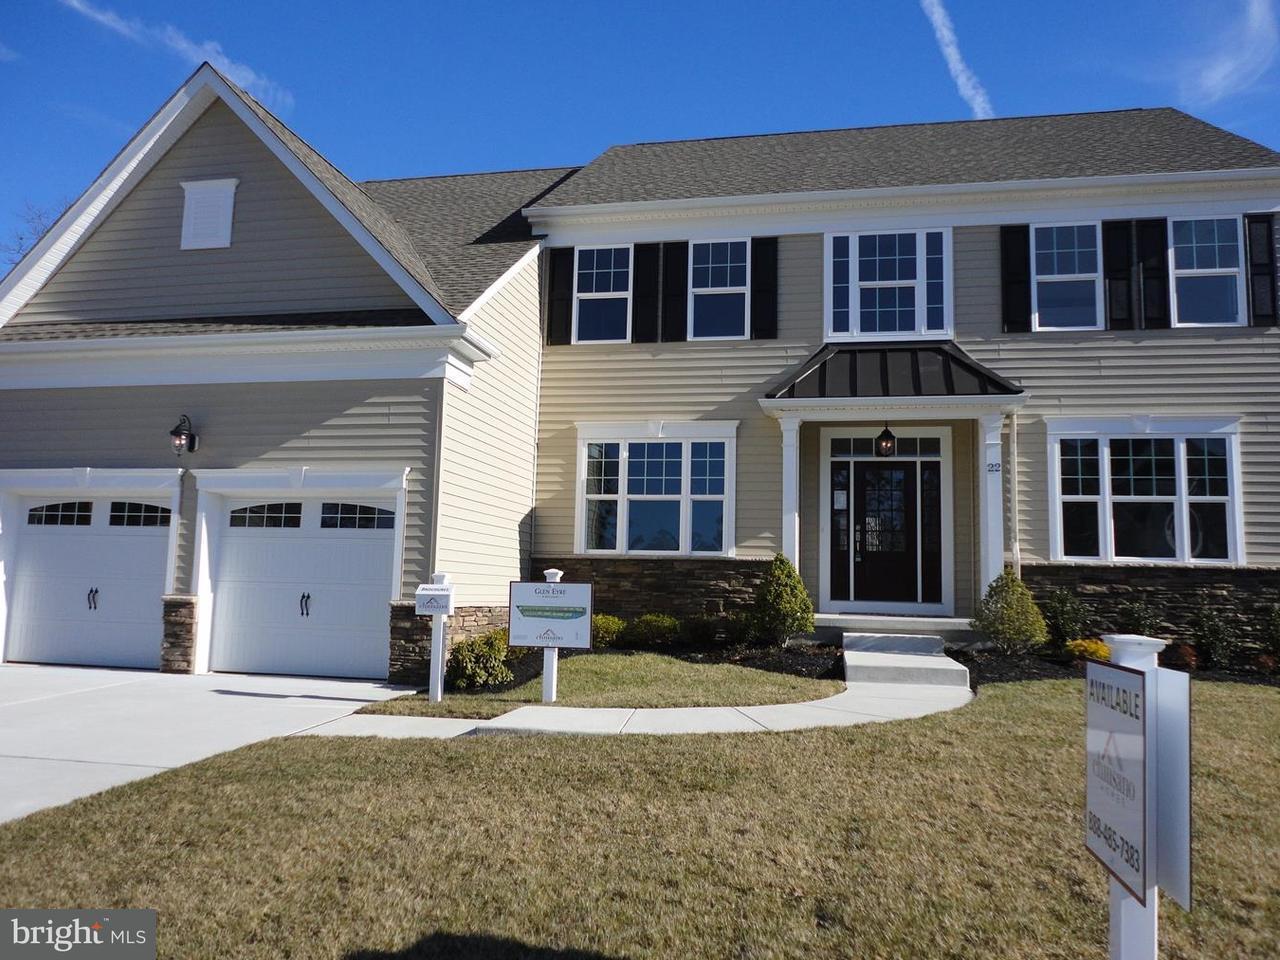 獨棟家庭住宅 為 出售 在 22 MONET Drive Mays Landing, 新澤西州 08330 美國在/周邊: Hamilton Township